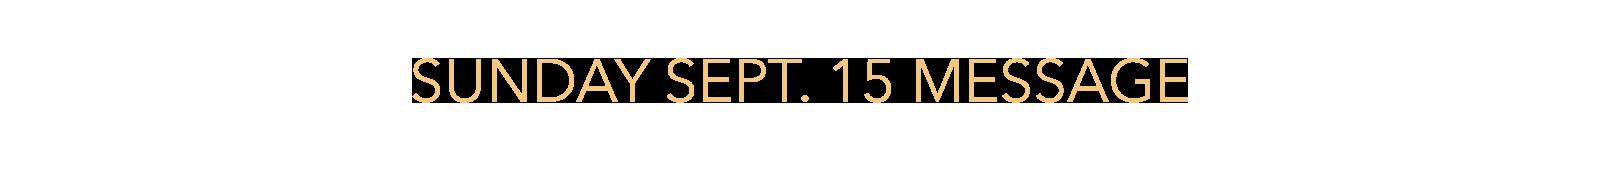 Sunday Sept 15 message